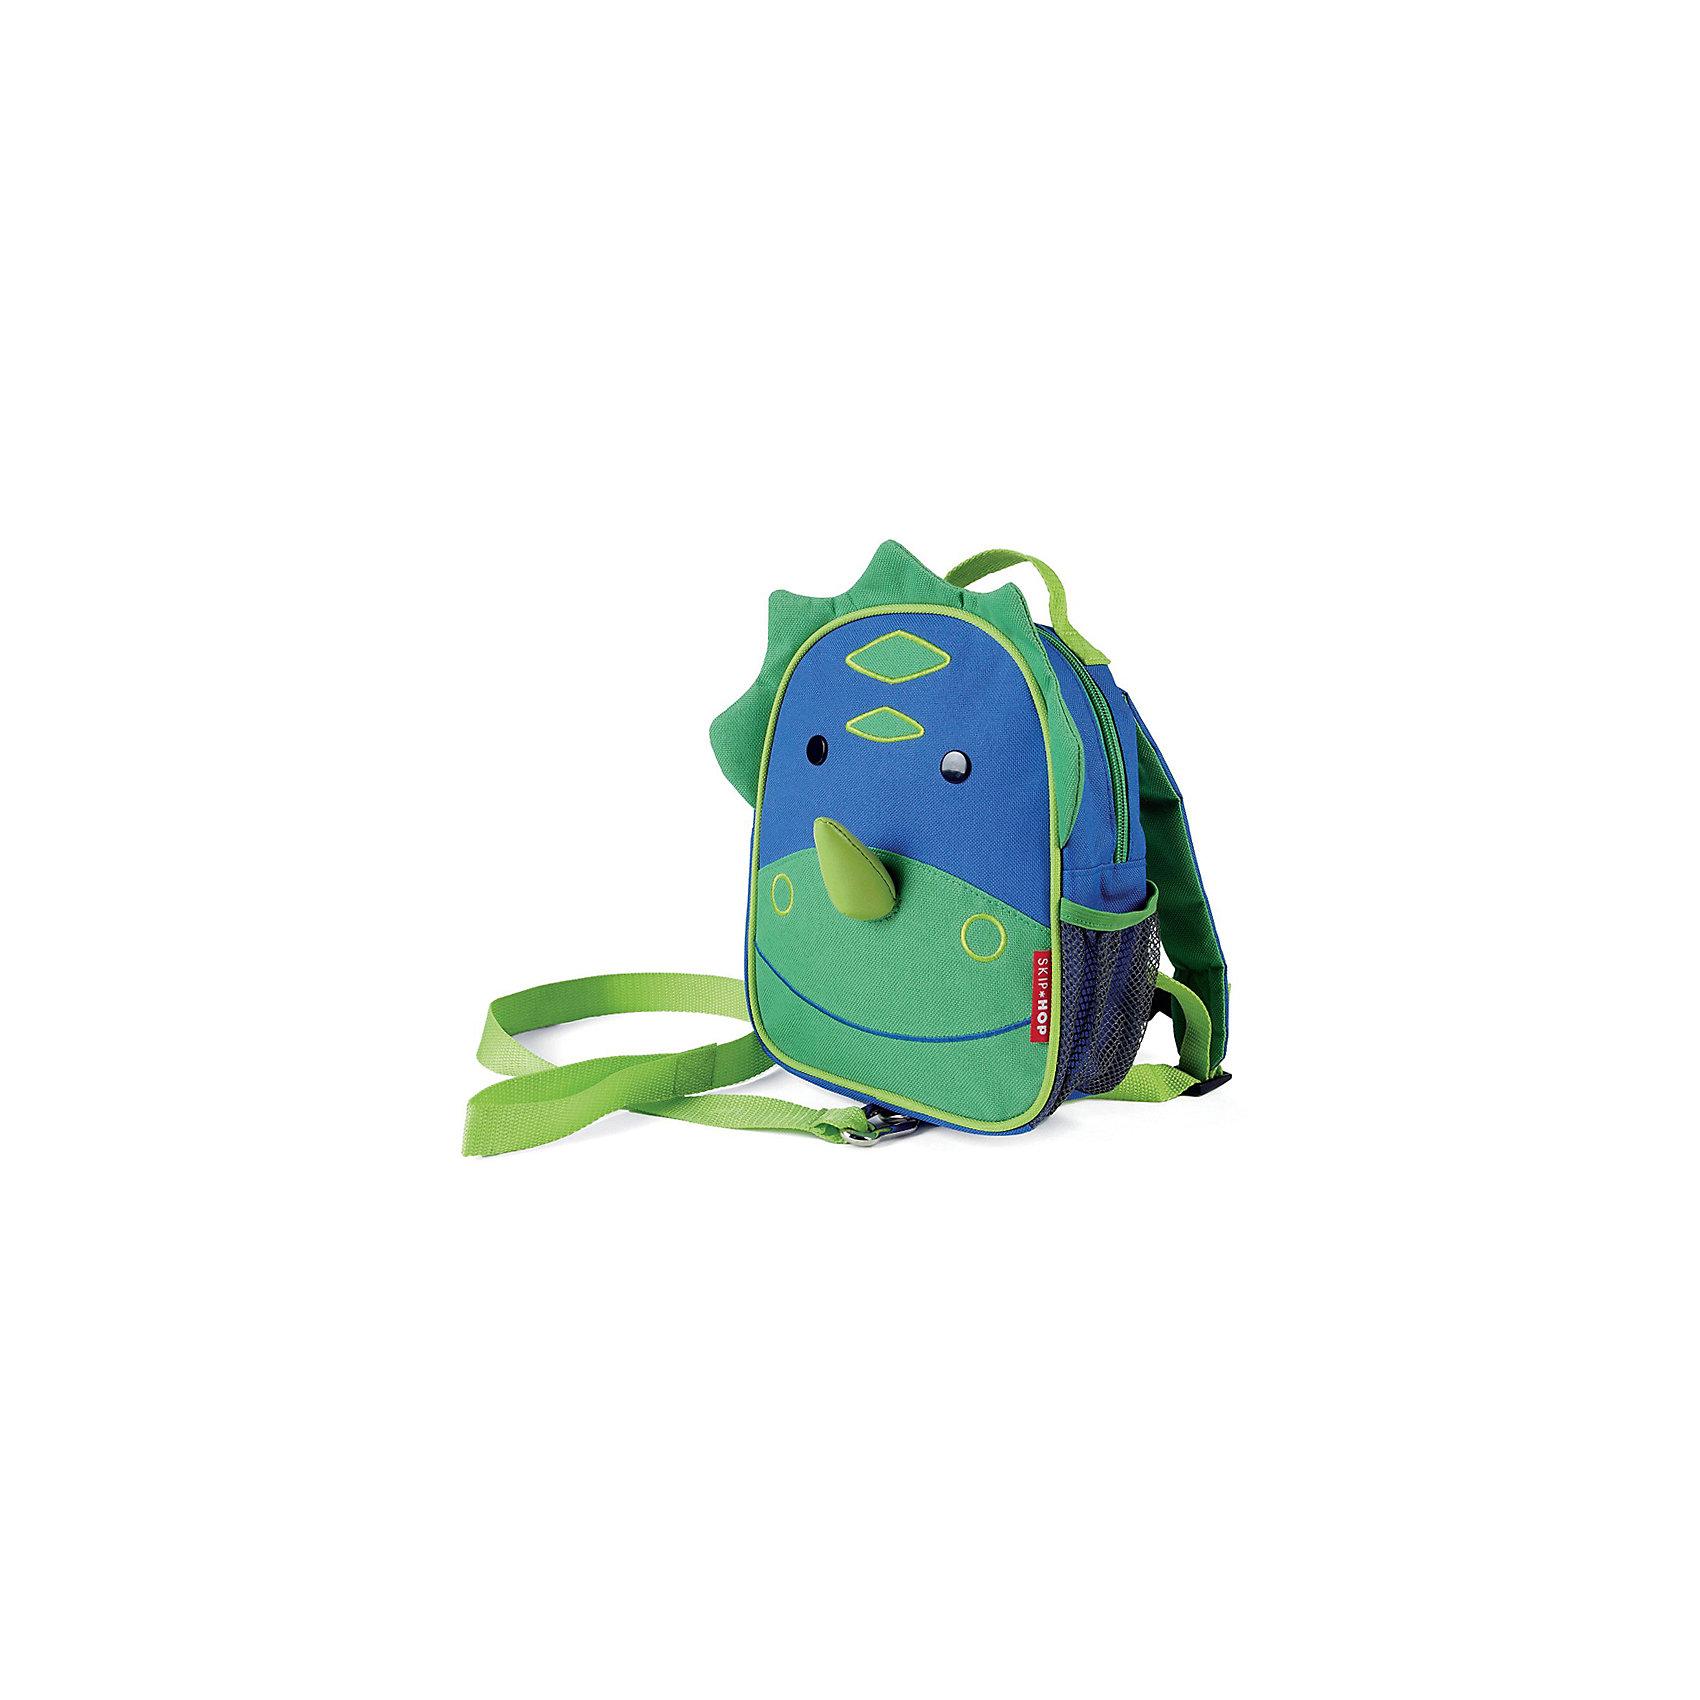 Рюкзак детский с поводком Динозавр, Skip HopДетские рюкзаки<br>Характеристики товара:<br><br>• возраст от 11 месяцев;<br>• материал: полиэстер;<br>• легко одевается на ребенка<br>• ремешок безопасности регулируется до необходимой длины<br>• позволяет малышу свободно исследовать мир, находясь под контролем родителей<br>• можно стирать в машинке<br>• бирочка для имени<br>• размер рюкзака 23х19х8,5 см;<br>• страна производитель: Китай.<br><br>Рюкзак детский с поводком «Пчела» Skip Hop выполнен в виде зеленого динозаврика с носом и глазками. Теперь все необходимые вещи всегда будут под рукой у малыша. Он может брать рюкзачок с собой на прогулку, в гости, в детский садик. Во внутреннем отделении поместятся любимые игрушки, карандаши, раскраски, блокноты. Сбоку сетчатый кармашек для бутылочки с напитками или контейнера для еды.<br><br>Мягкие лямки обеспечивают комфортное ношение. Предусмотрена небольшая ручка для переноски в руках или подвешивания. Специальный ремешок-поводок разработан для родителей, которые будут контролировать движения малыша, который еще только познает окружающий мир. Рюкзак изготовлен из плотных износостойких материалов.<br><br>Рюкзак детский с поводком «Пчела» Skip Hop можно приобрести в нашем интернет-магазине.<br><br>Ширина мм: 230<br>Глубина мм: 60<br>Высота мм: 370<br>Вес г: 300<br>Возраст от месяцев: 24<br>Возраст до месяцев: 72<br>Пол: Унисекс<br>Возраст: Детский<br>SKU: 5608236